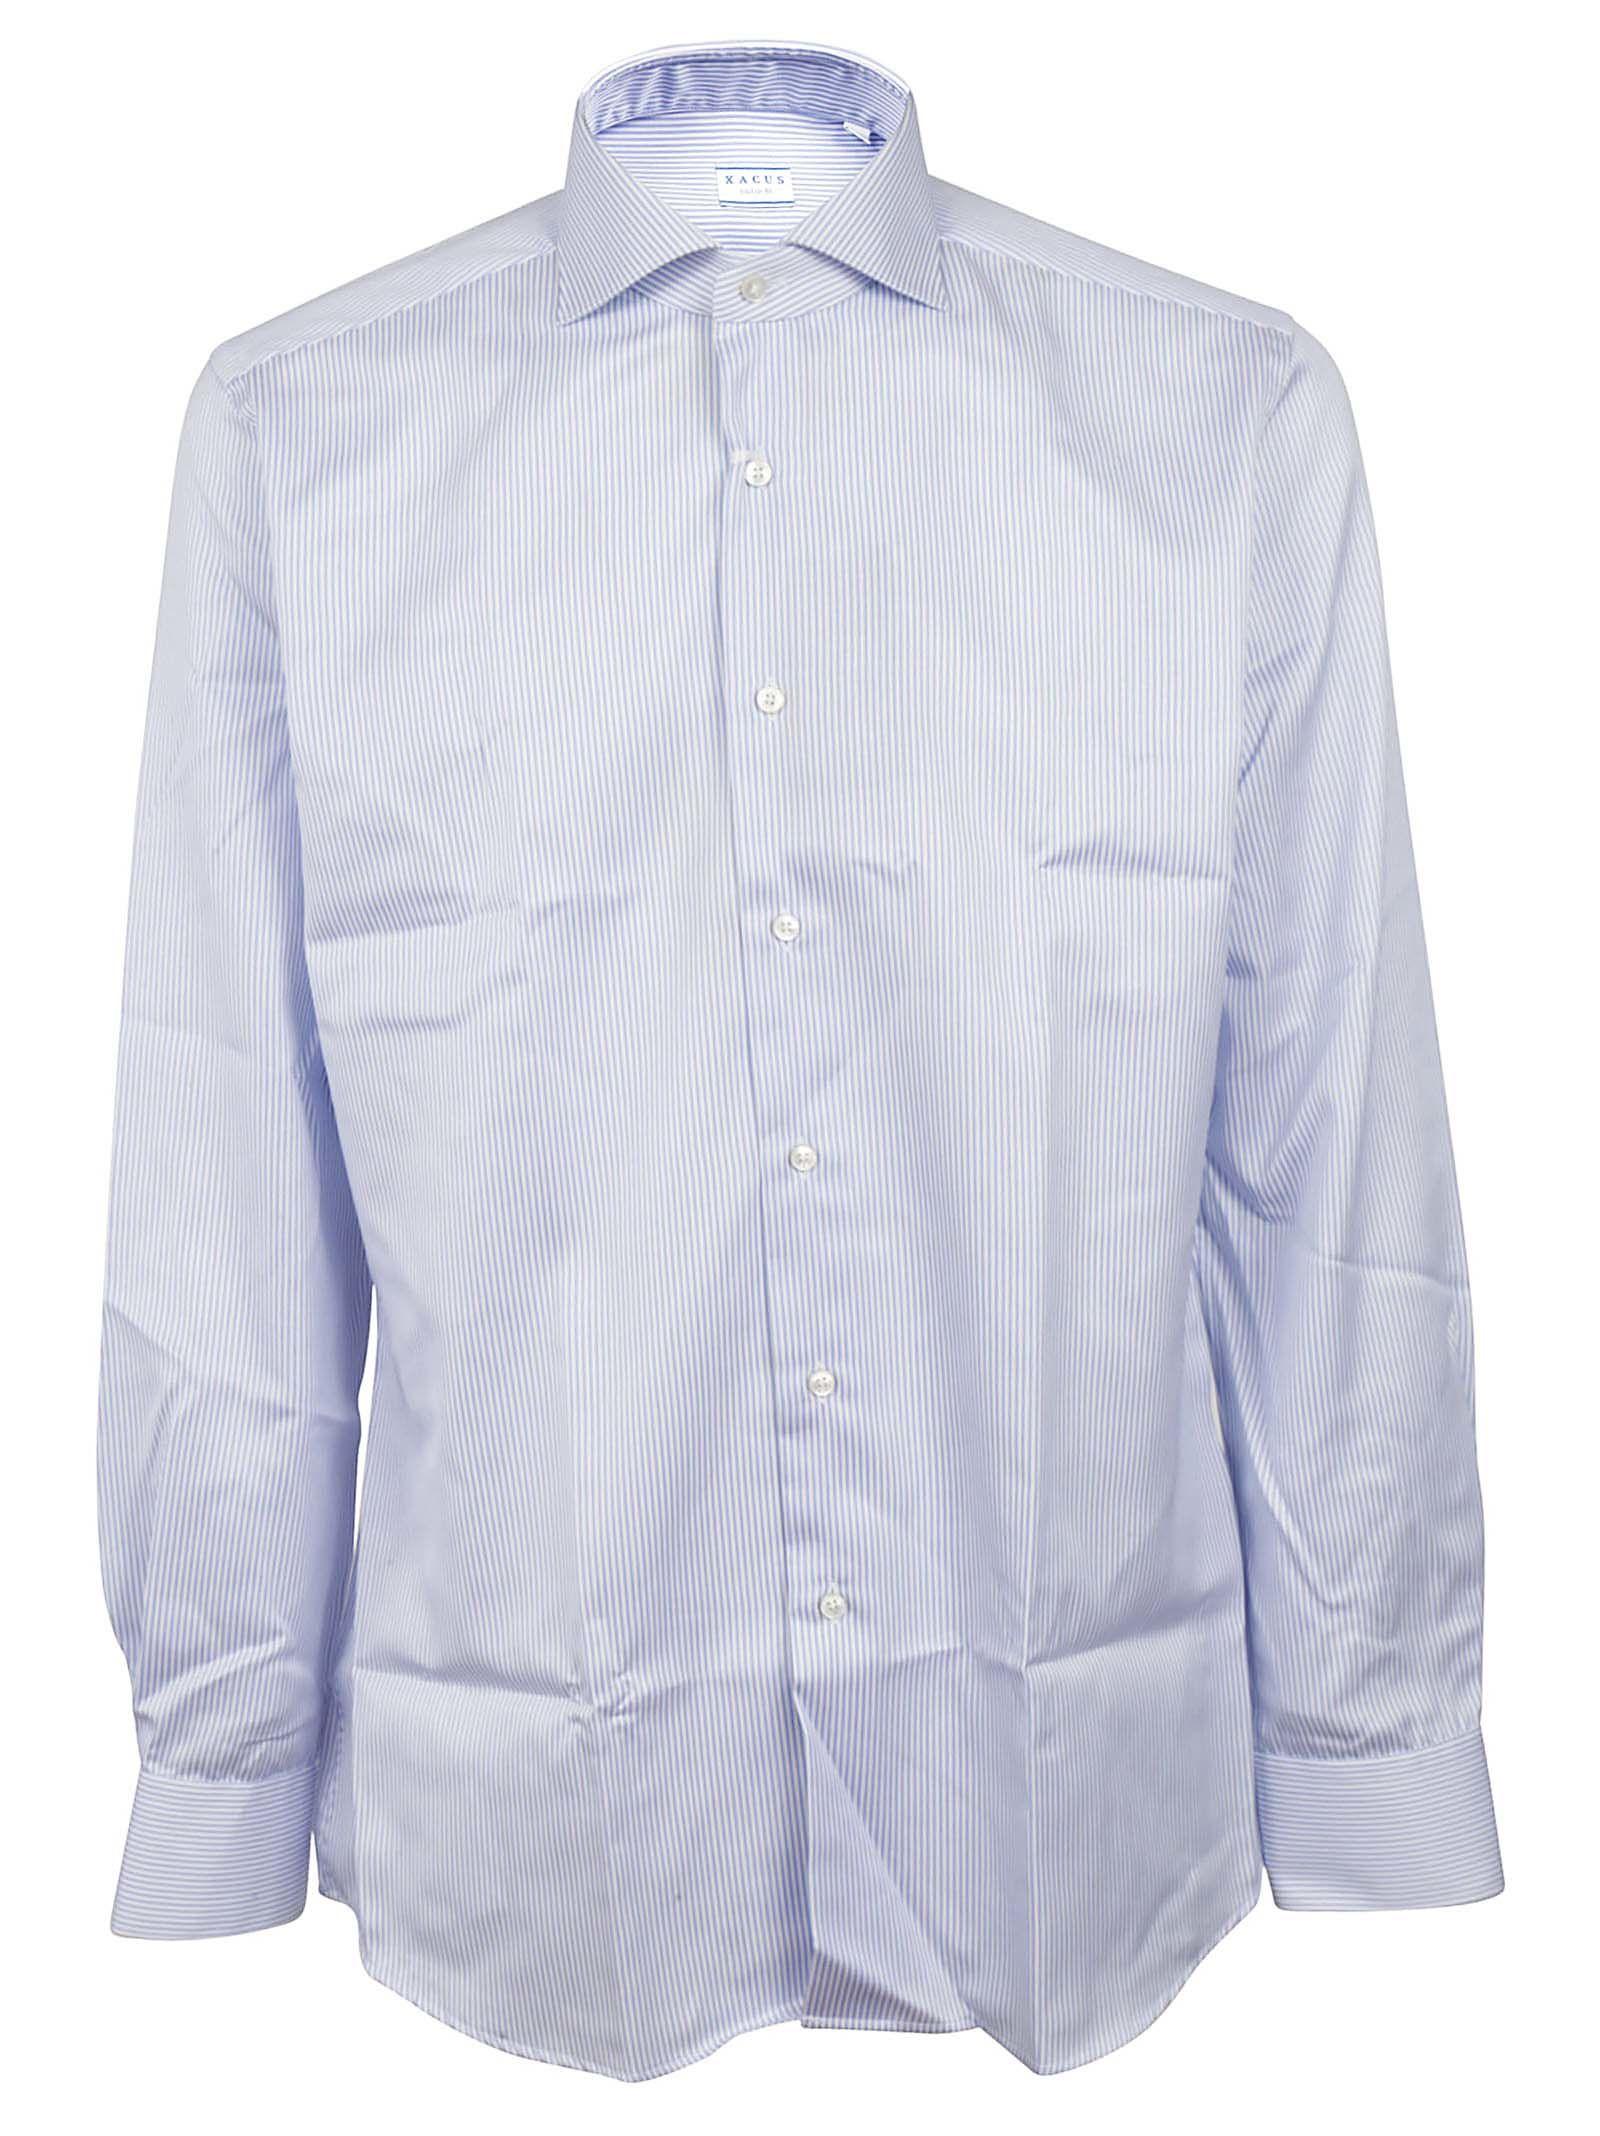 XACUS Pinstripe Button Down Shirt in 004